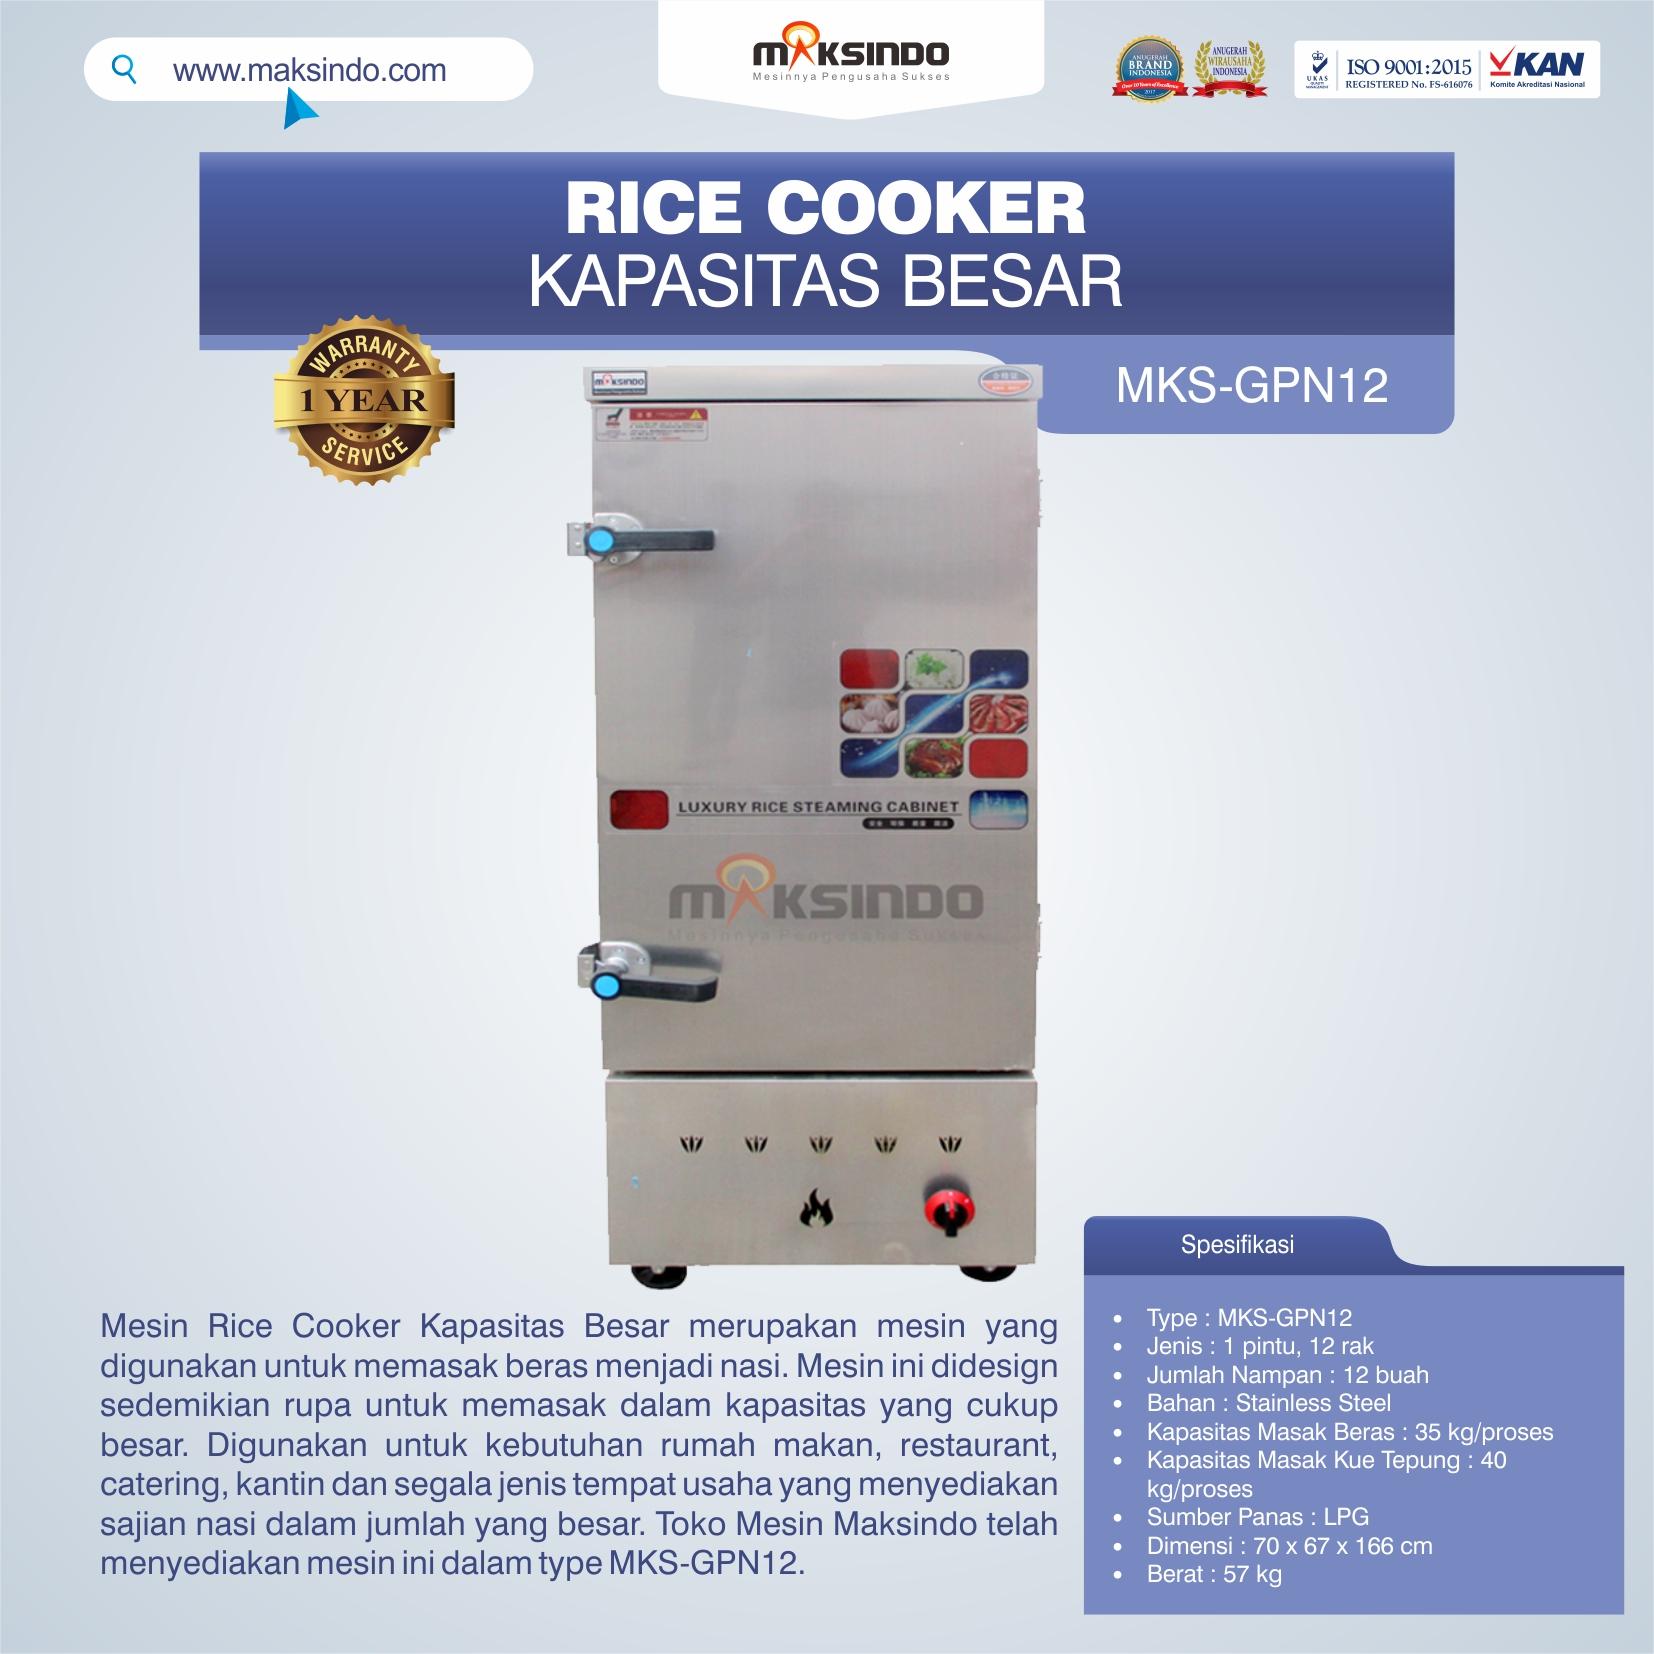 Jual Mesin Rice Cooker Kapasitas Besar MKS-GPN12 di Blitar